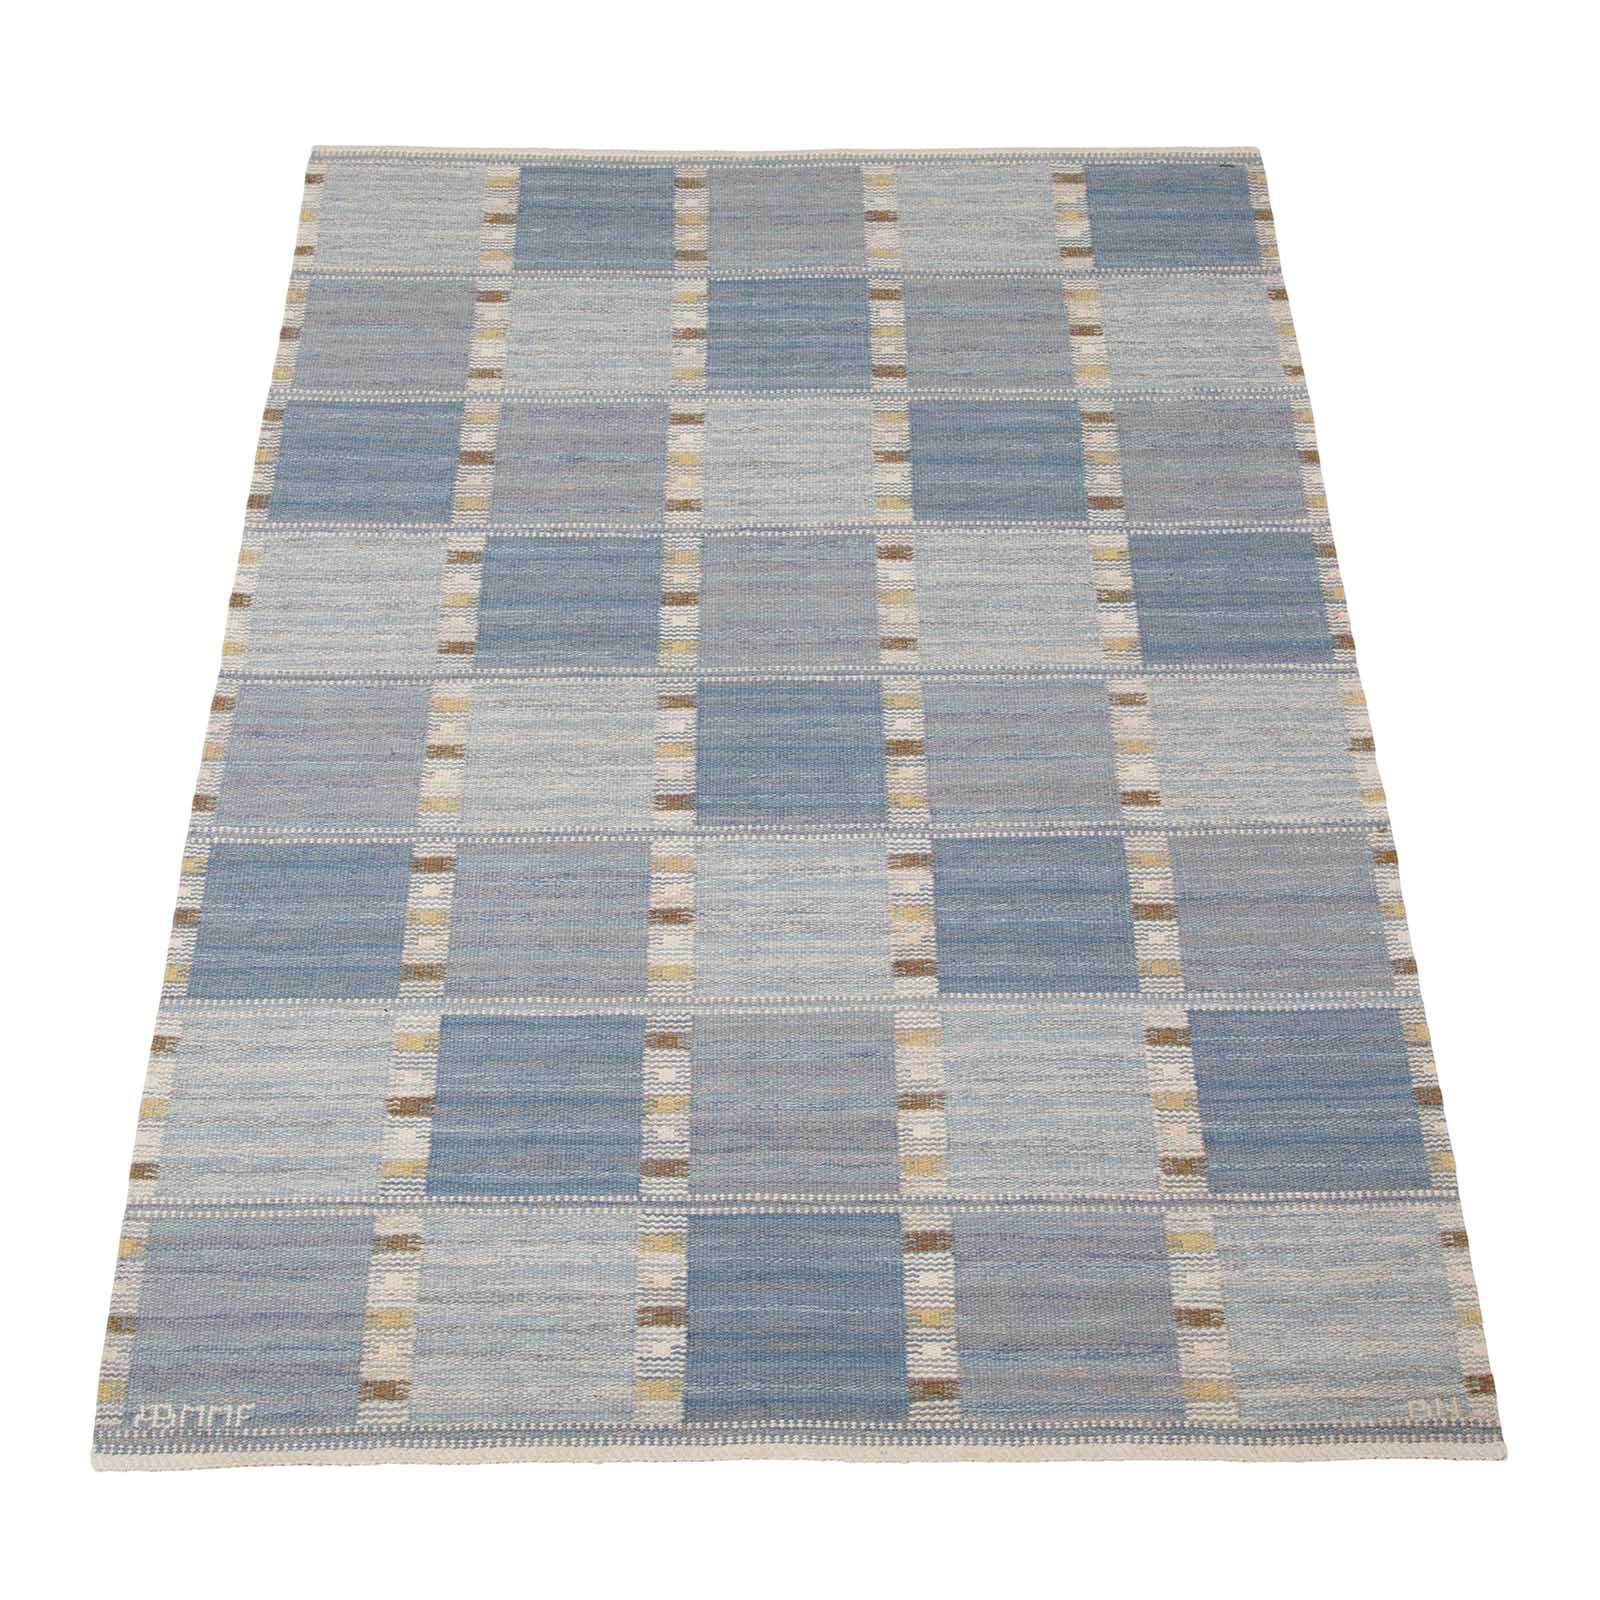 A rug, 'Falurutan, Duhs'